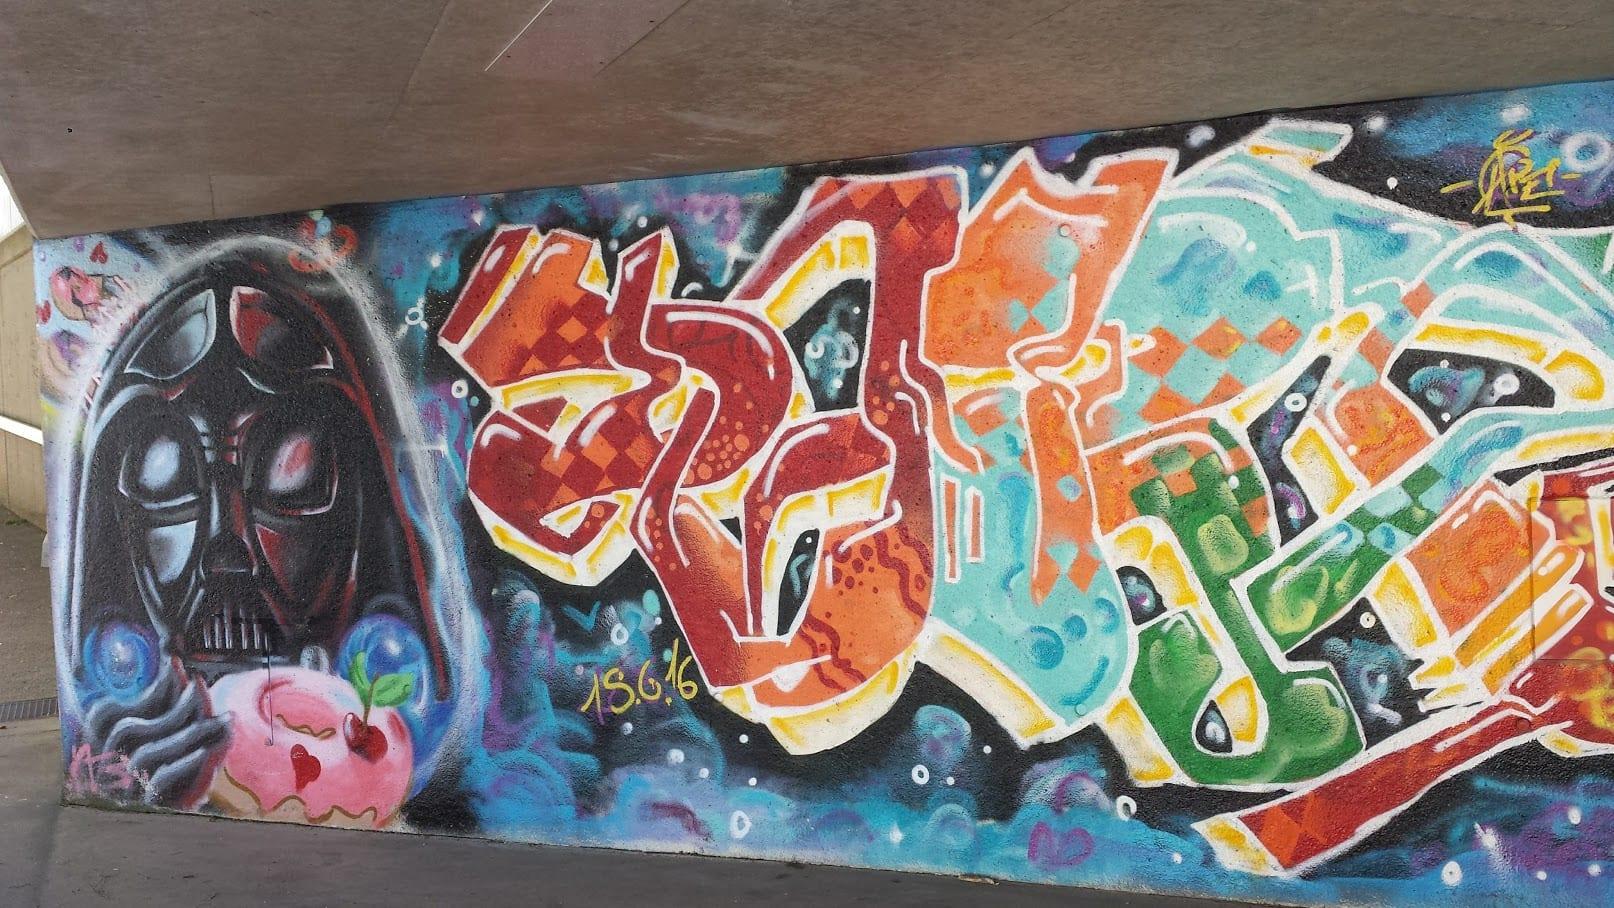 Street art in Biberach, Germany